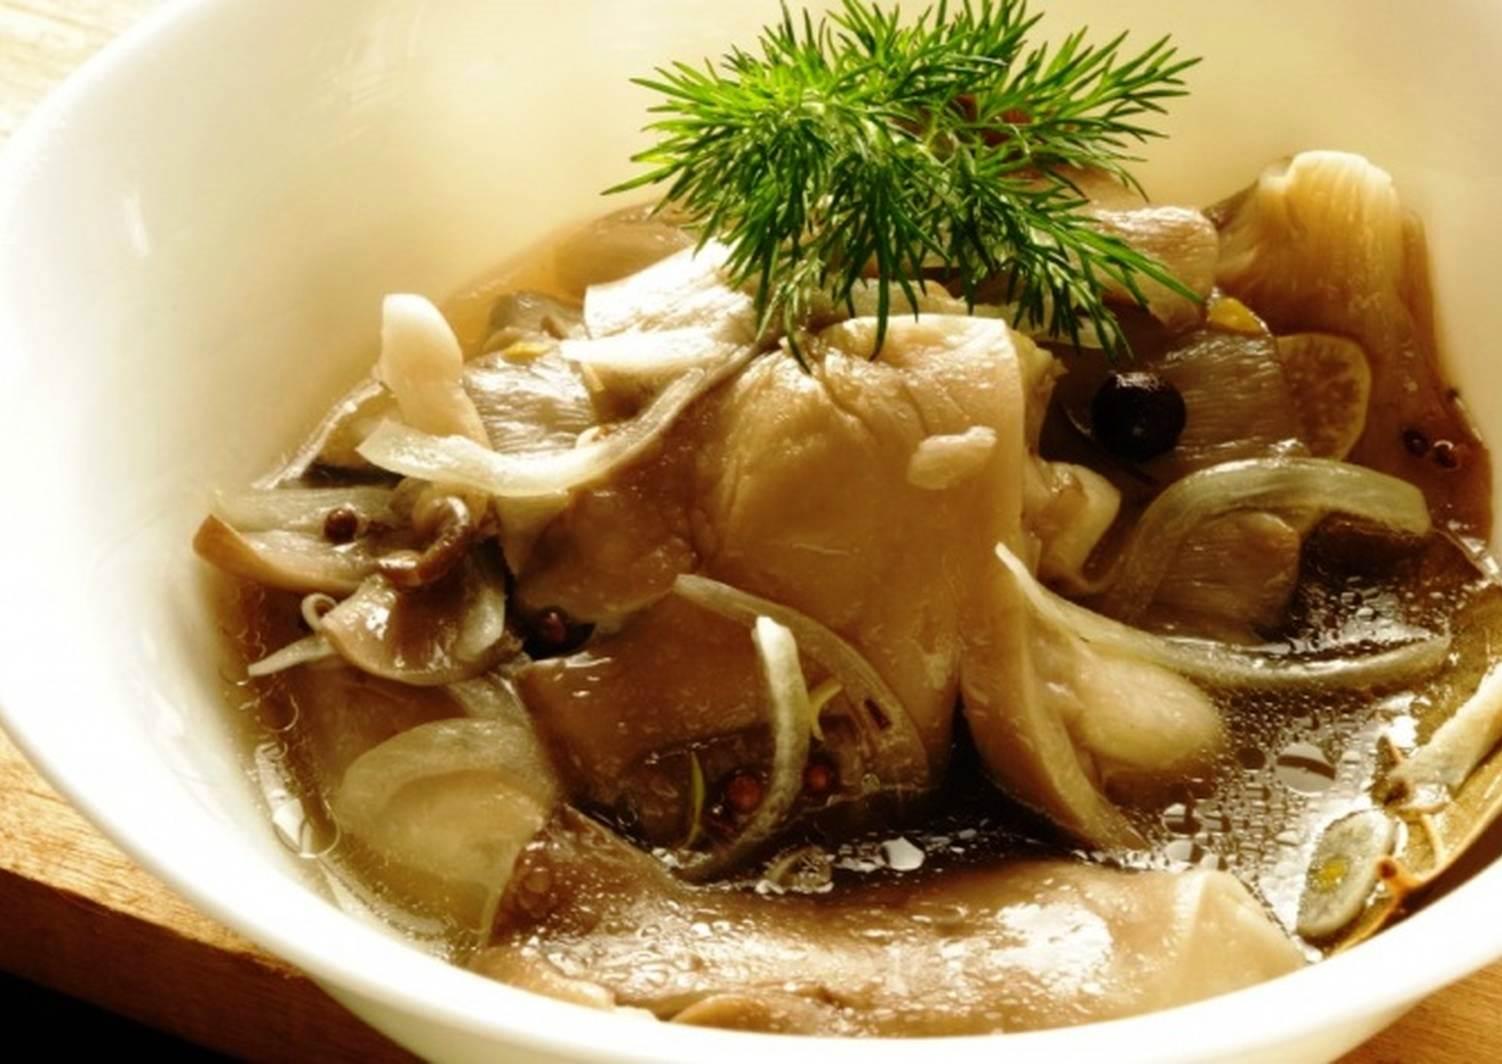 Как солить, мариновать грибы вешенки на зиму в банках: очень вкусные рецепты. как сушить и заморозить грибы вешенки на зиму в домашних условиях?